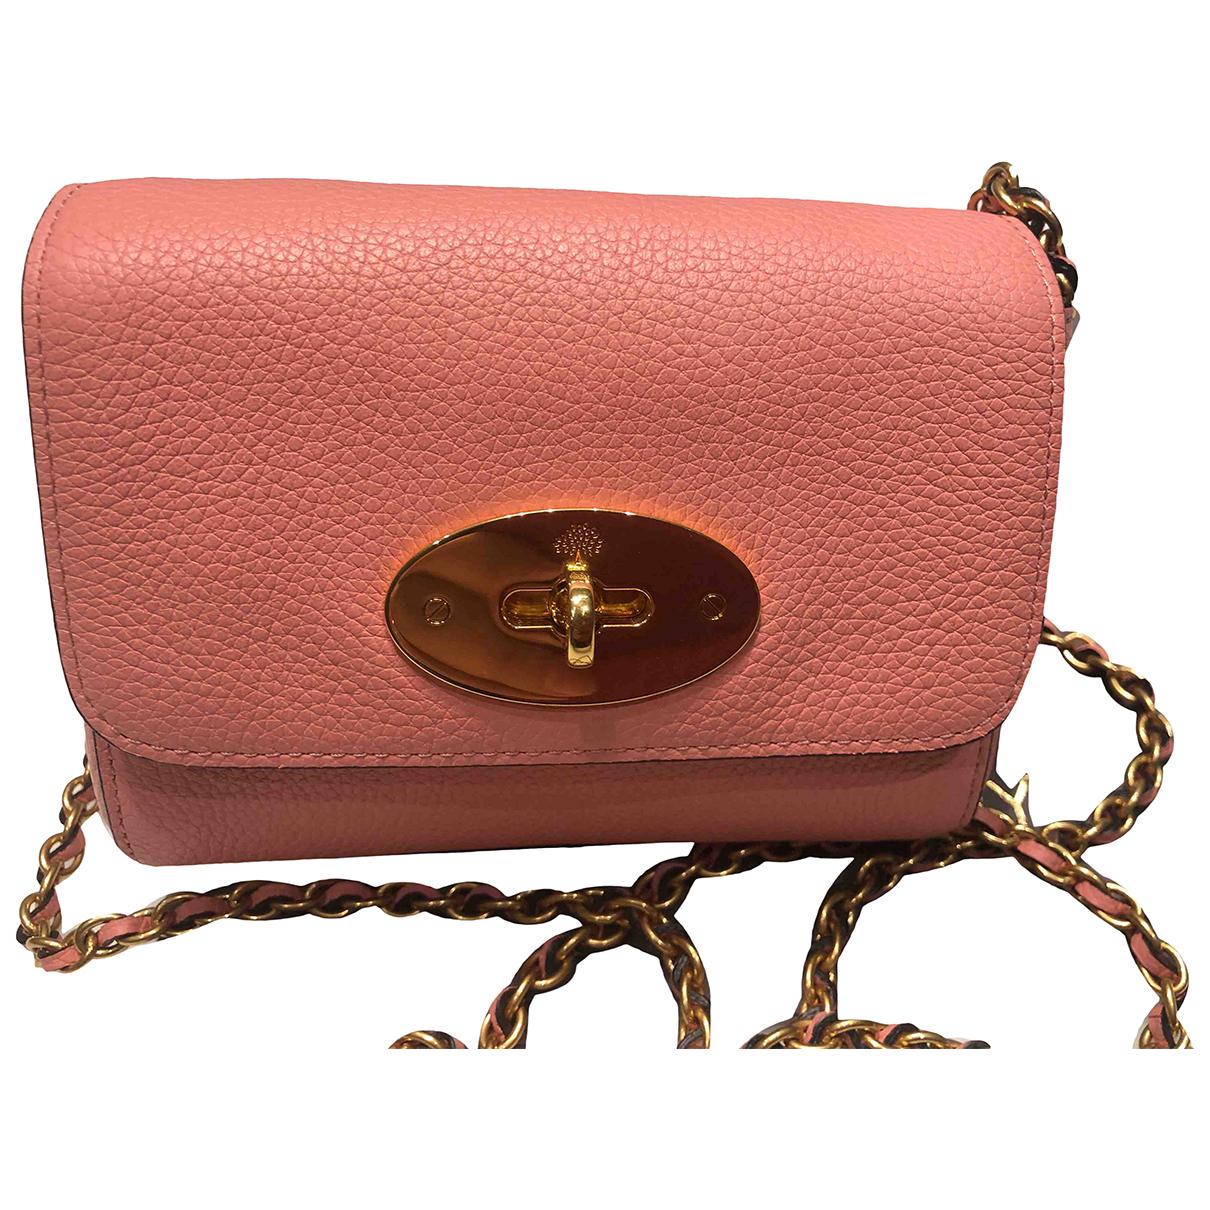 Mulberry - Sac a main Lily pour femme en cuir - rose